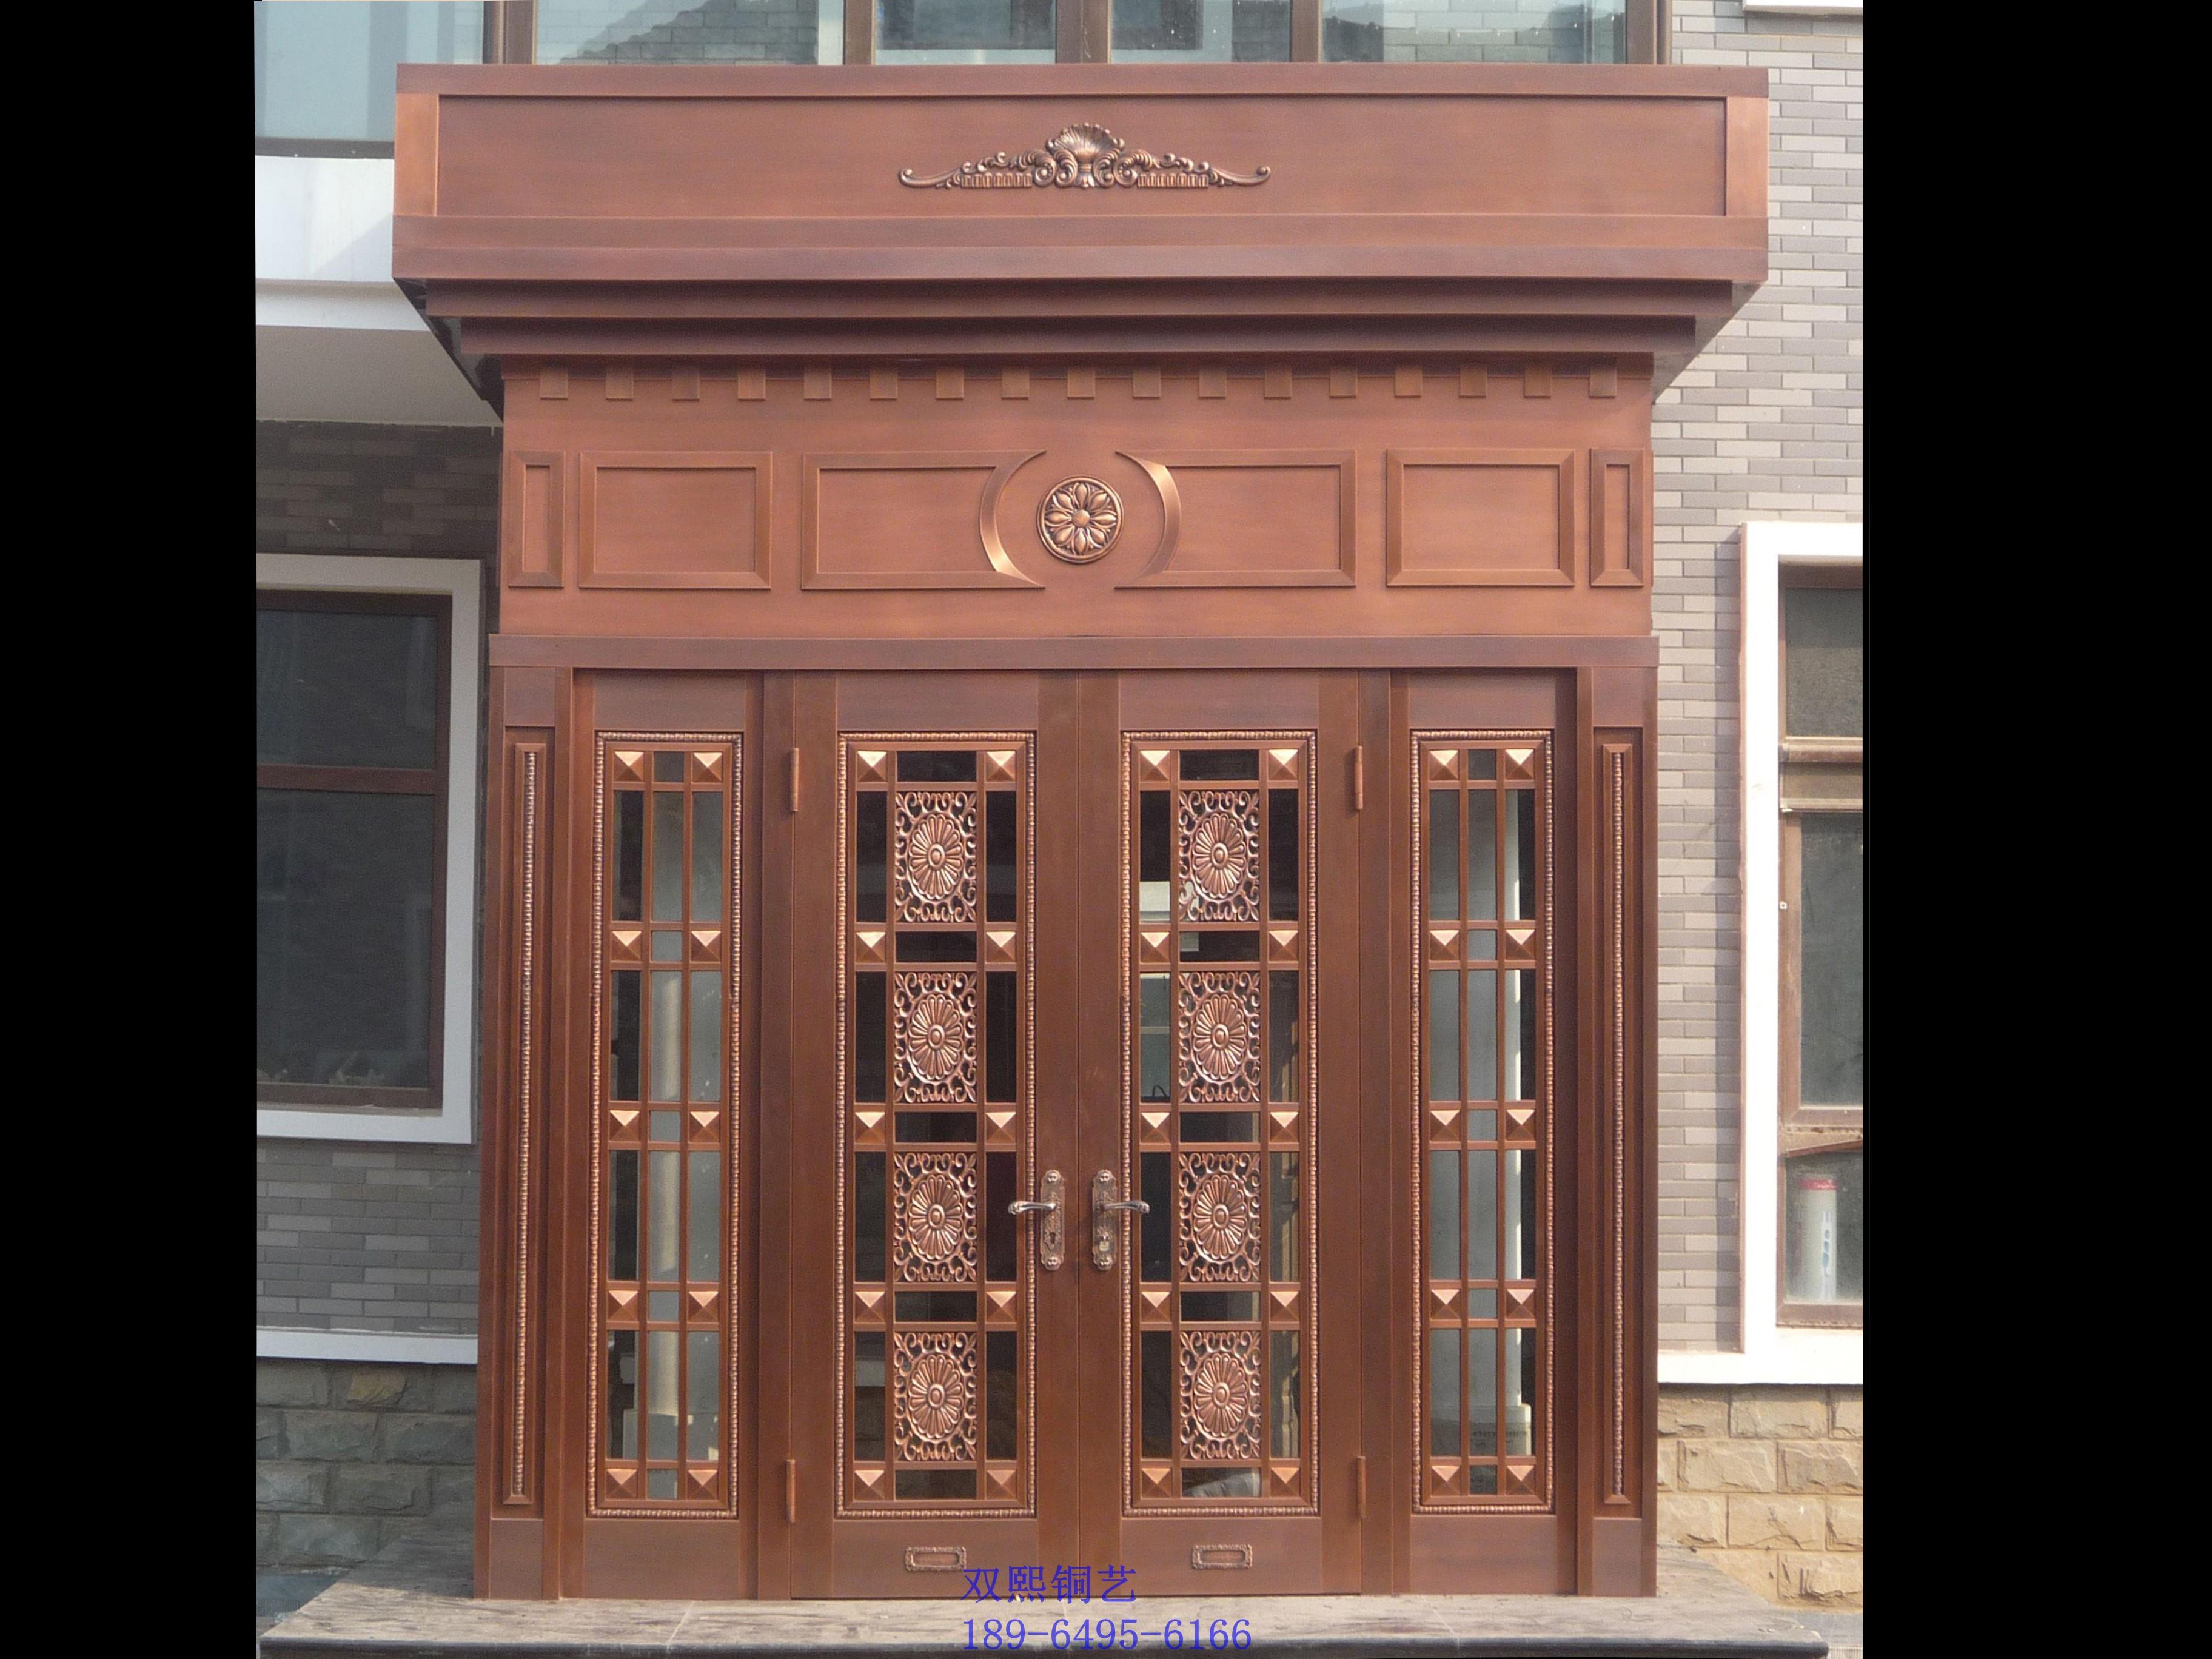 铜门焊接样板|图片定做铜门图|管件定做效果图铜门用别墅水不锈钢定做免图片